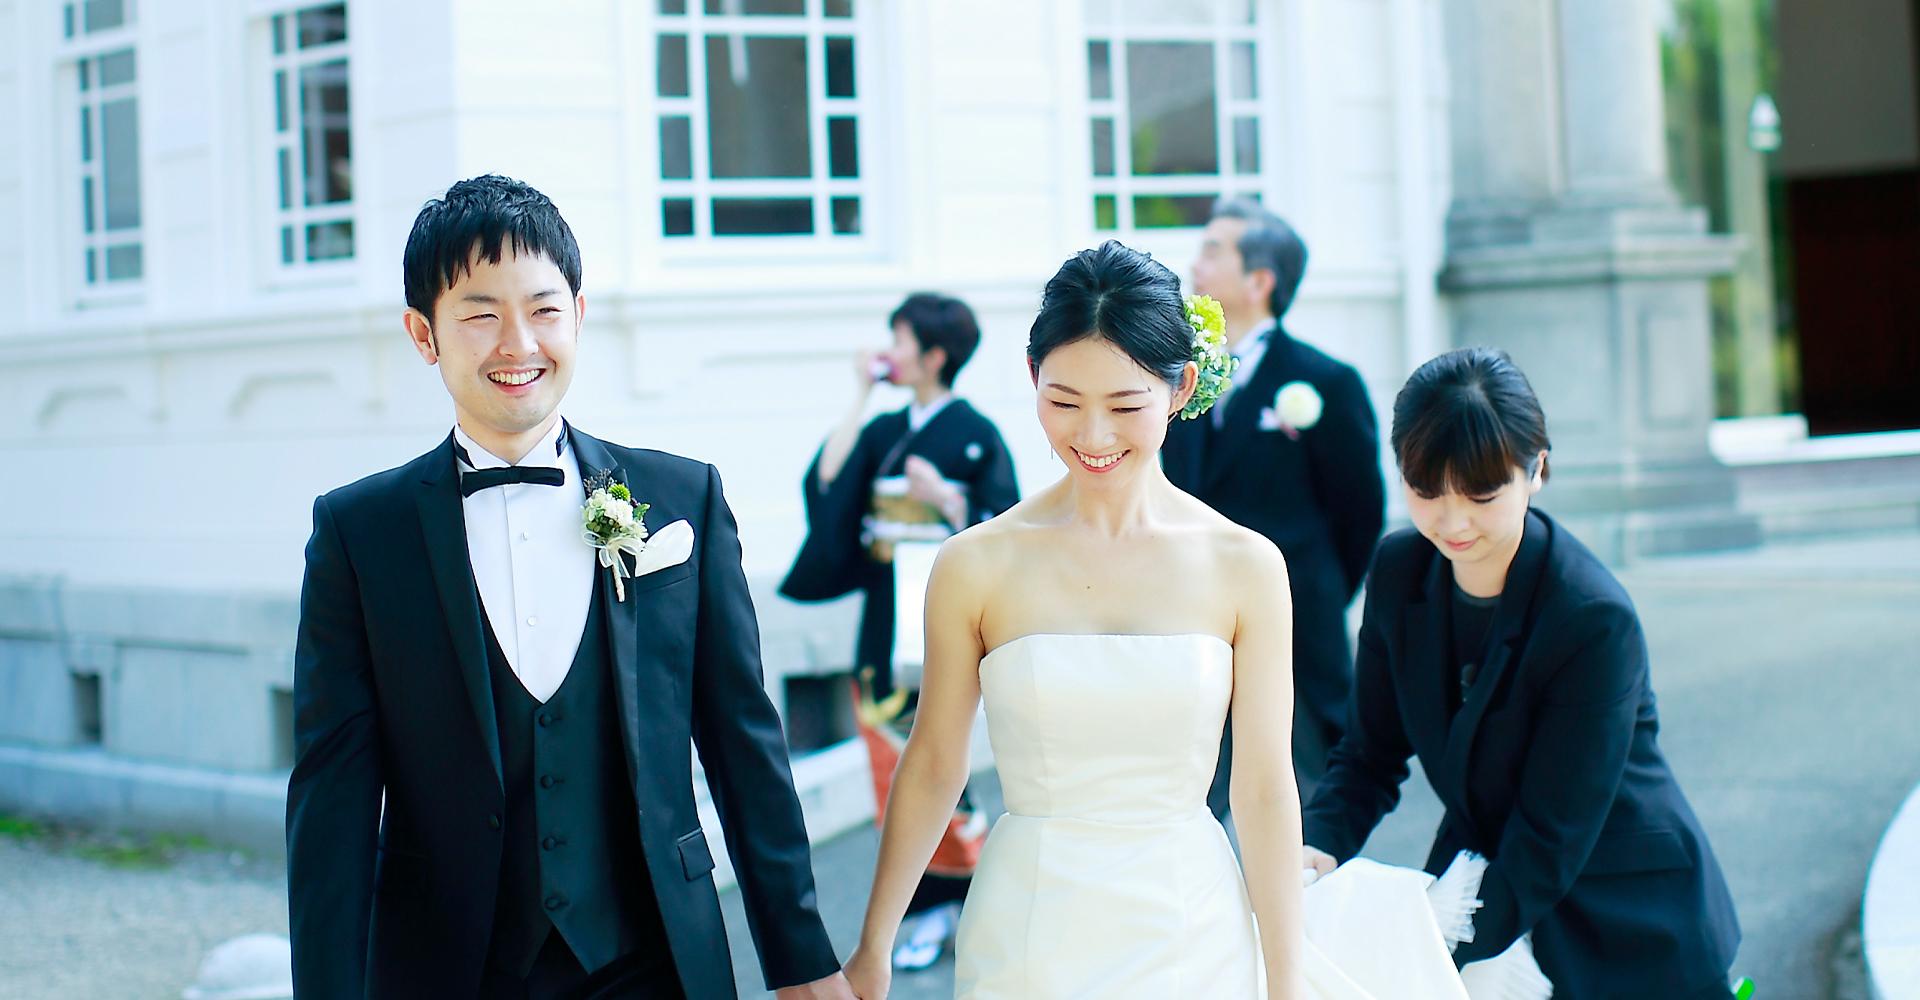 ギャラリー/結婚式